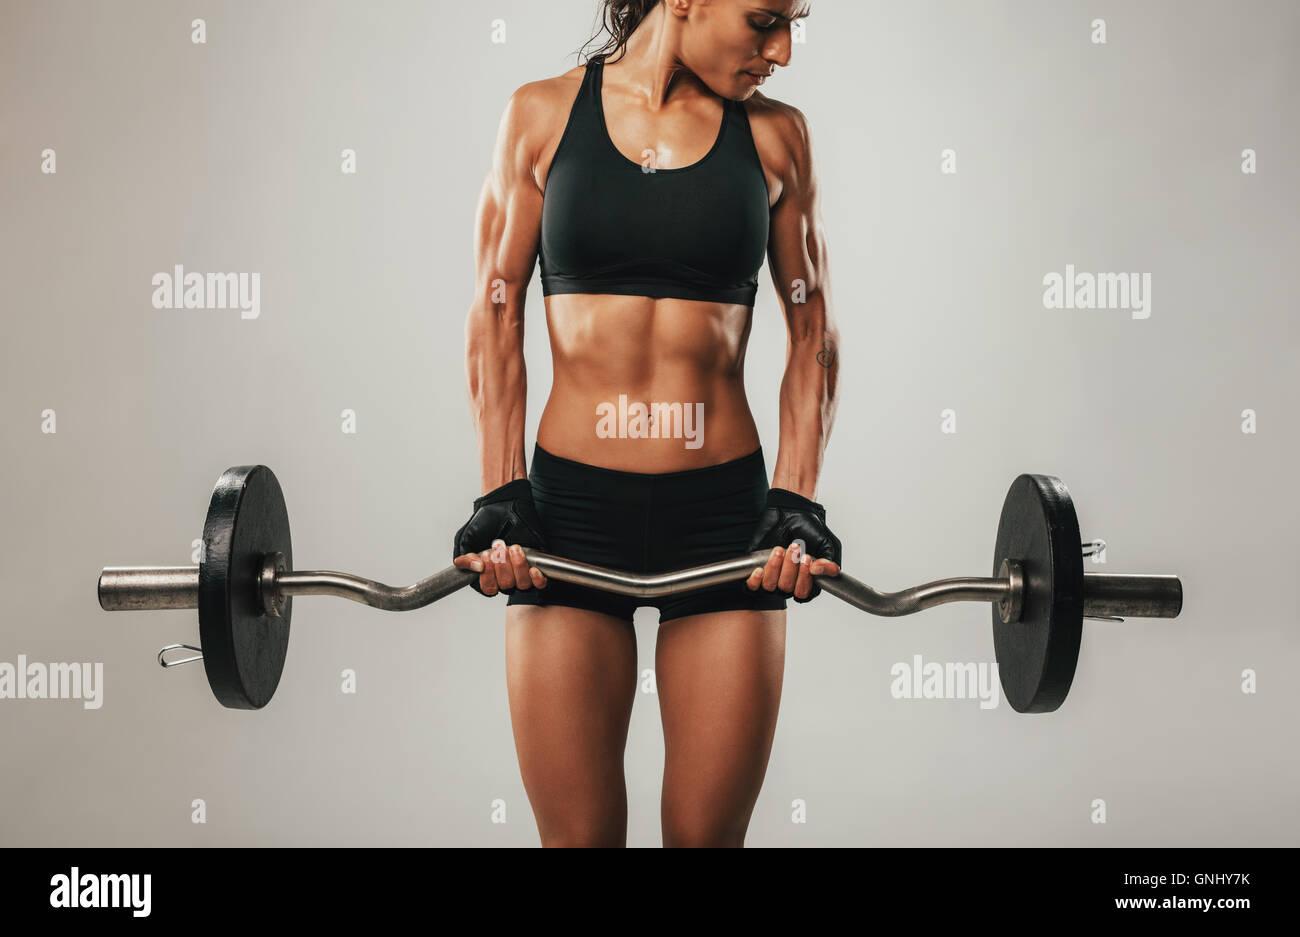 Muskeln prall auf Armen muskulösen jungen Frau mit Hantel Gewicht ...